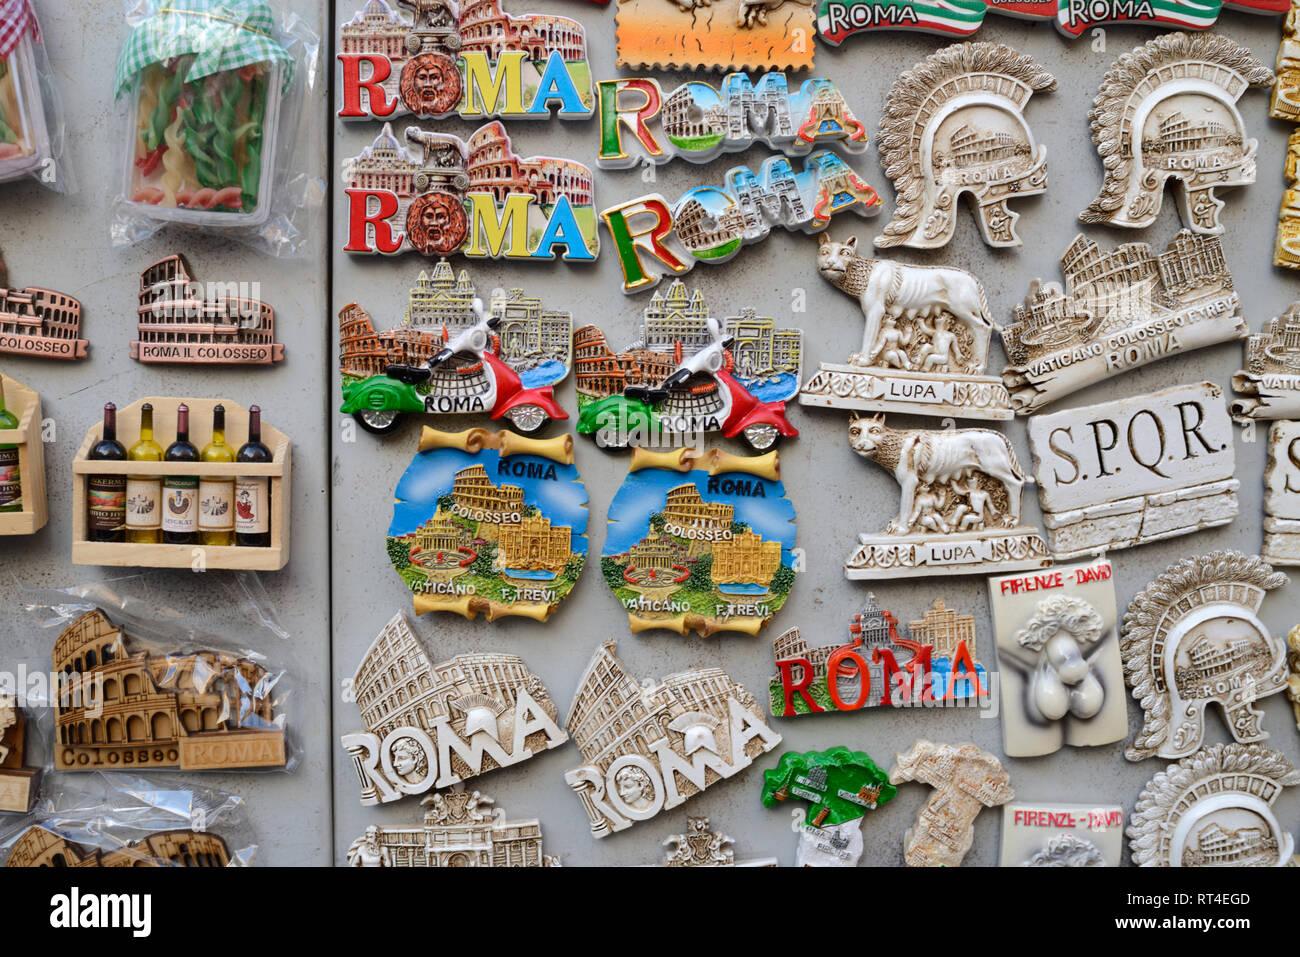 Magneti per il frigo o souvenir di monumenti Romani in vendita nel negozio di articoli da regalo a Roma Italia Immagini Stock